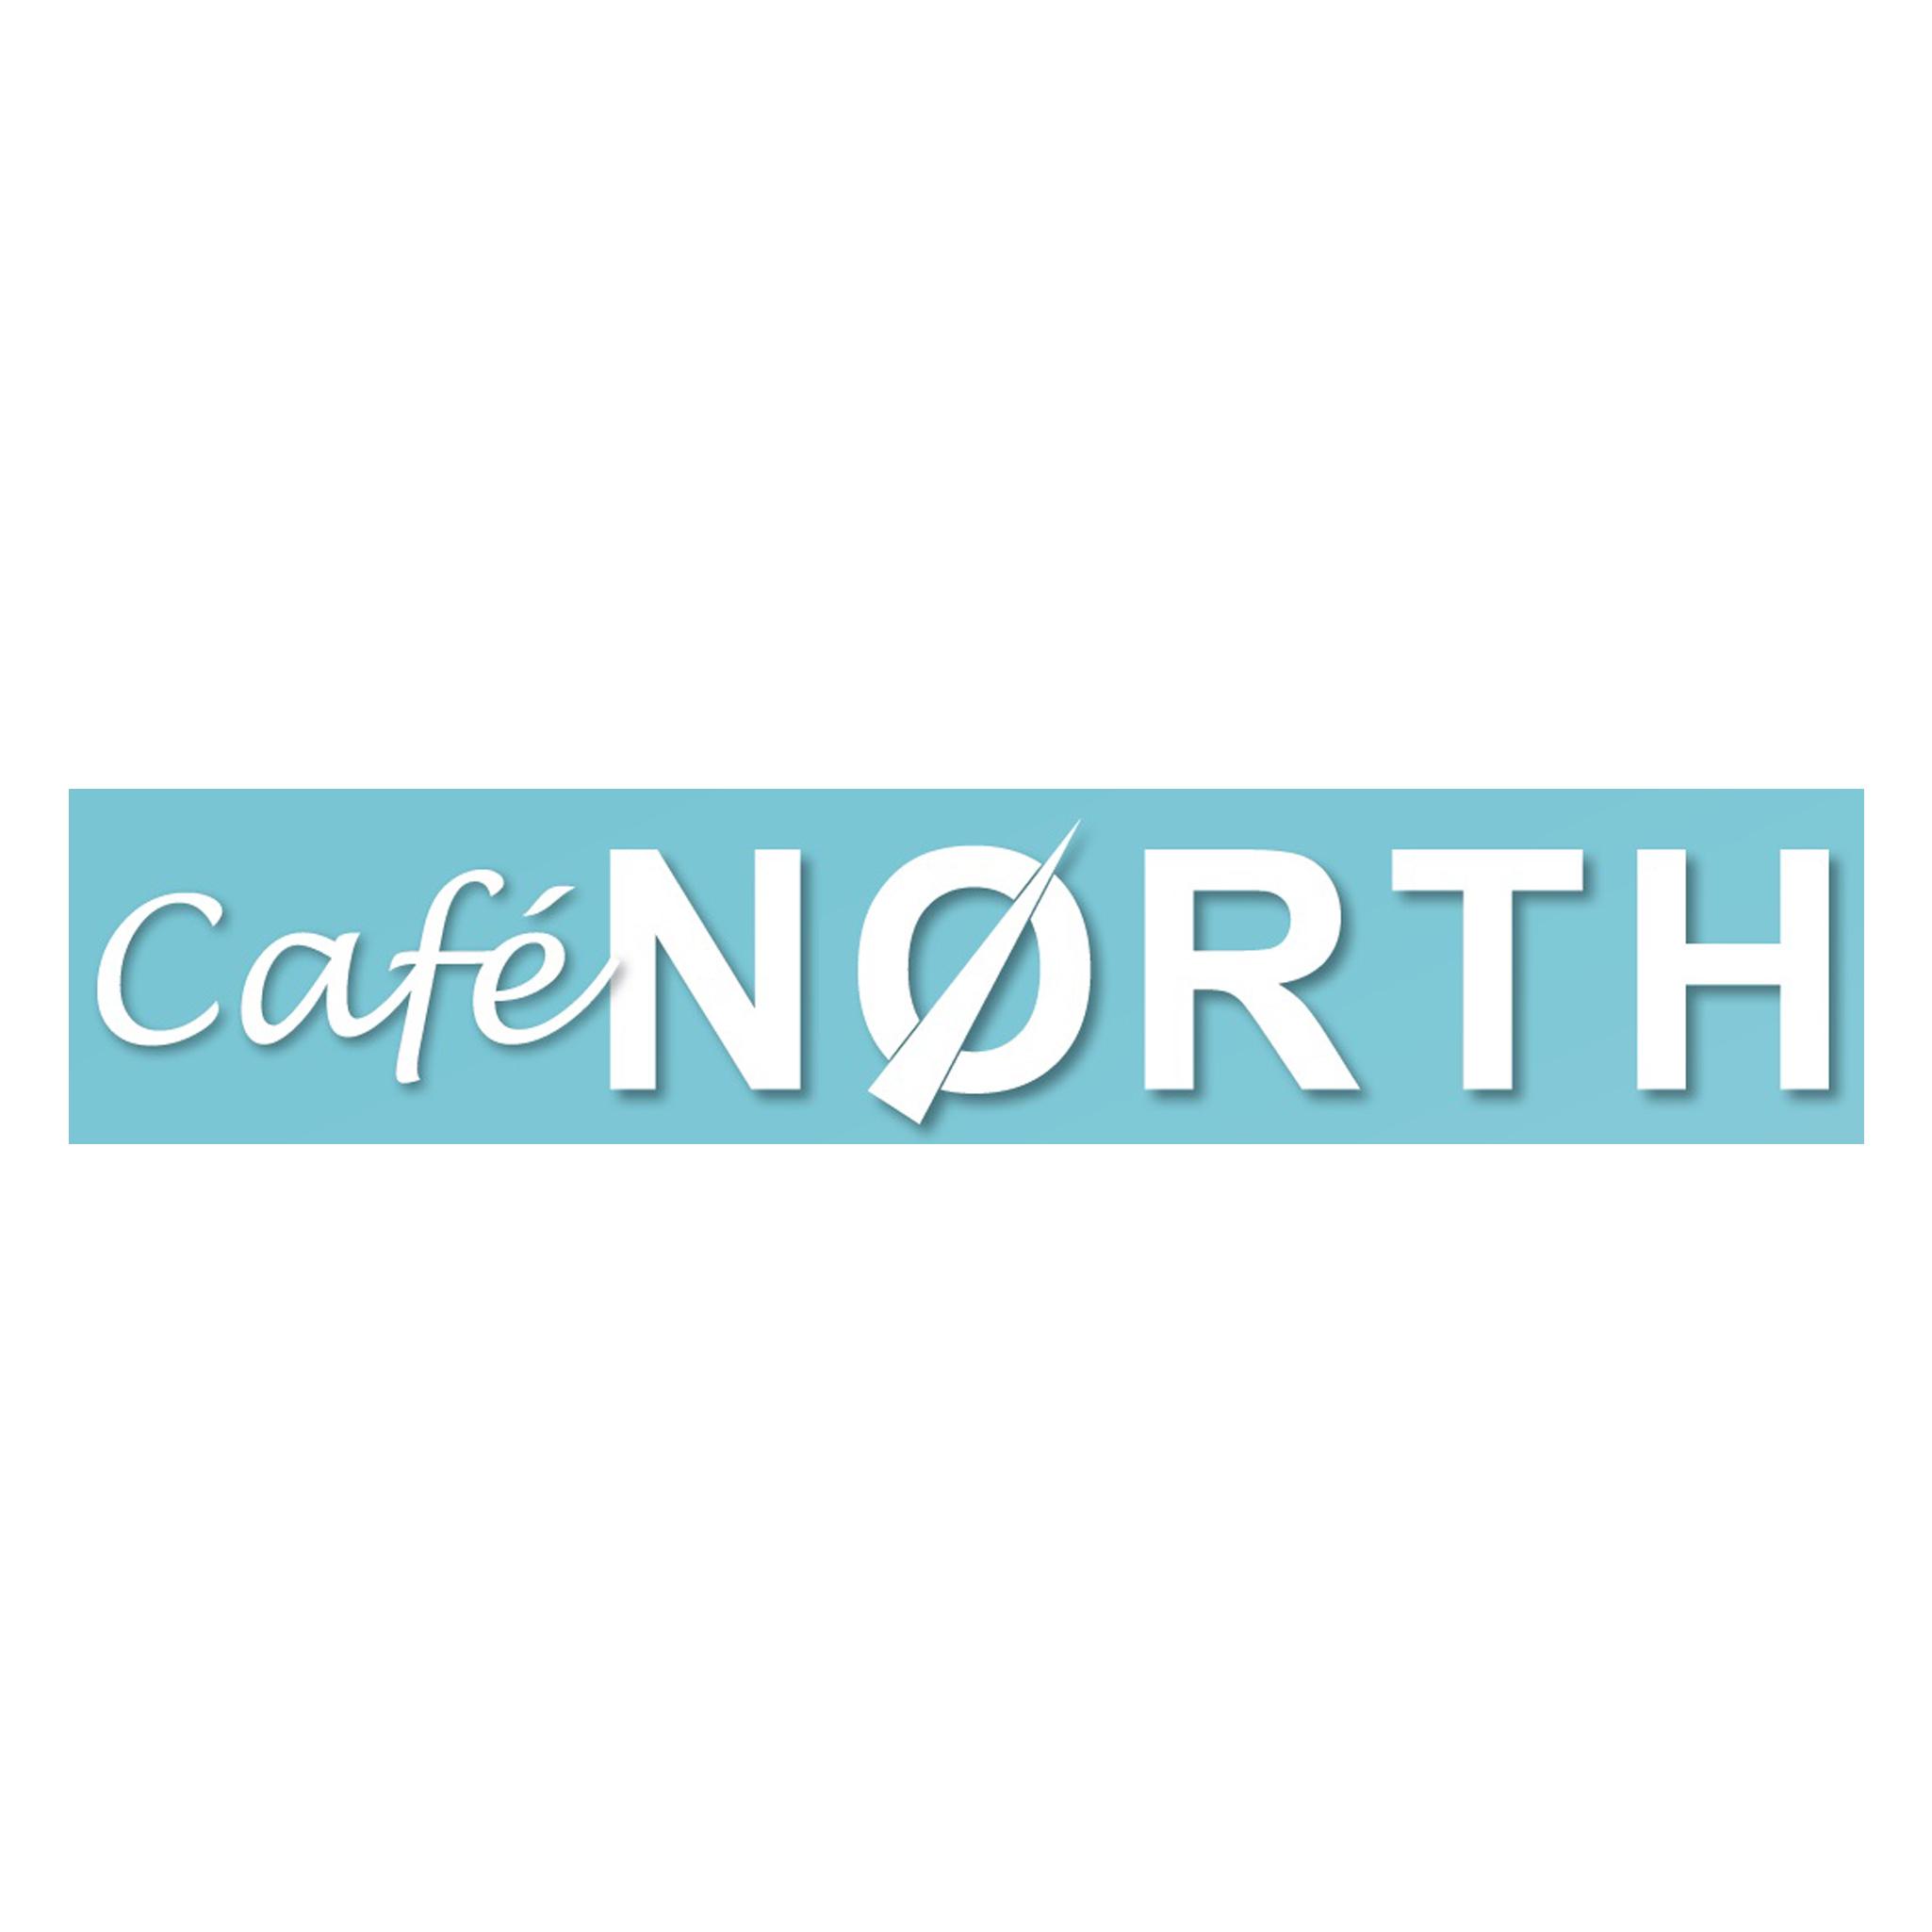 Café North